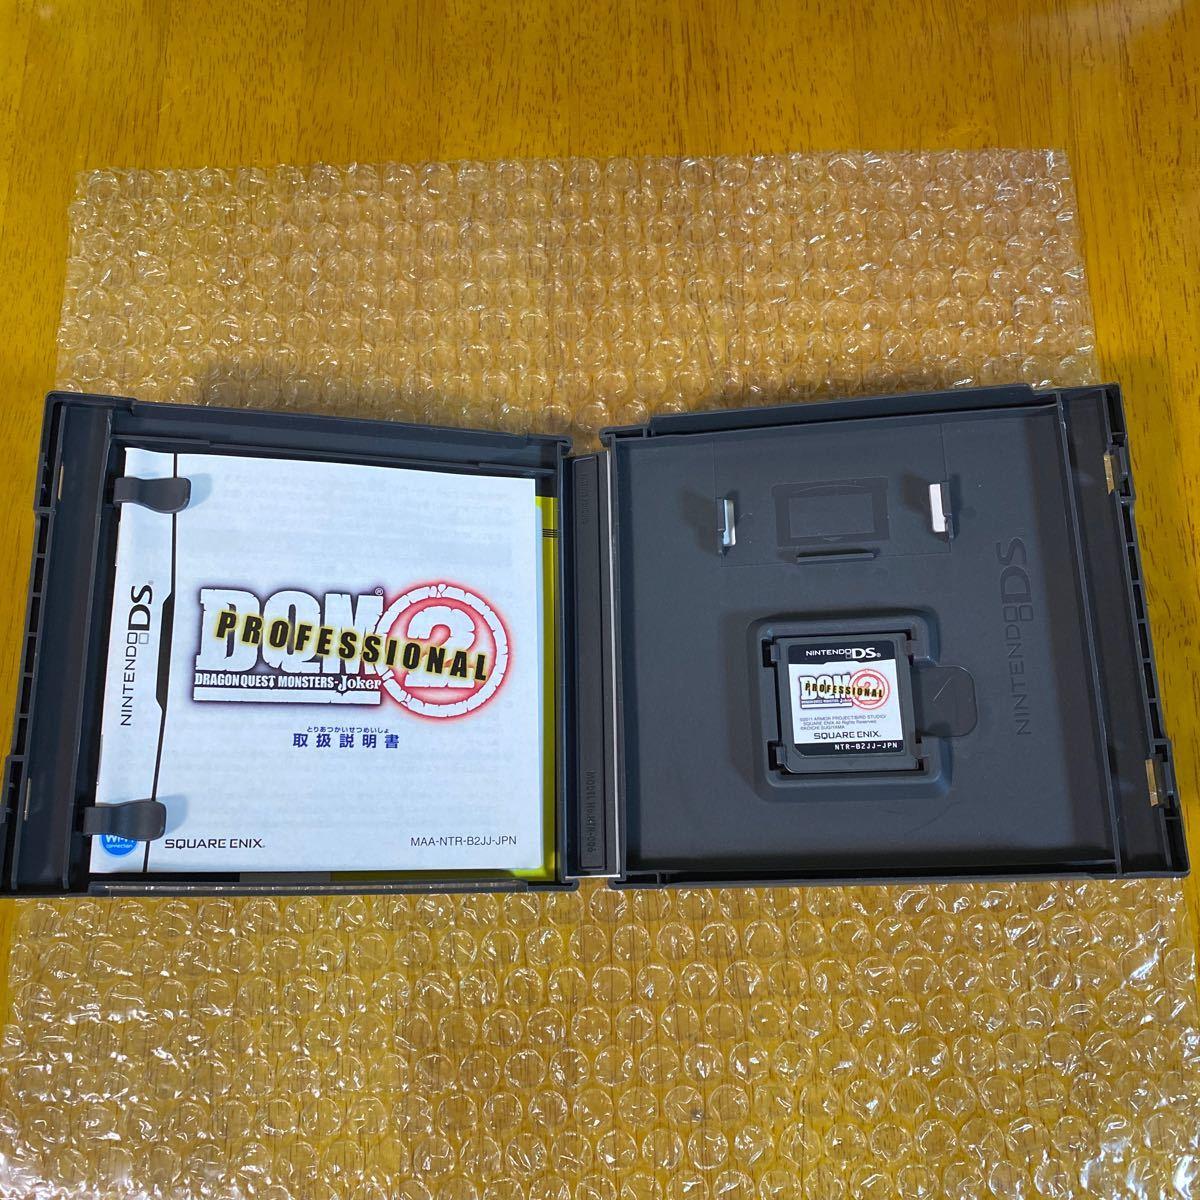 Nintendo DS ソフト ドラゴンクエストモンスターズ ジョーカー2 プロフェッショナル